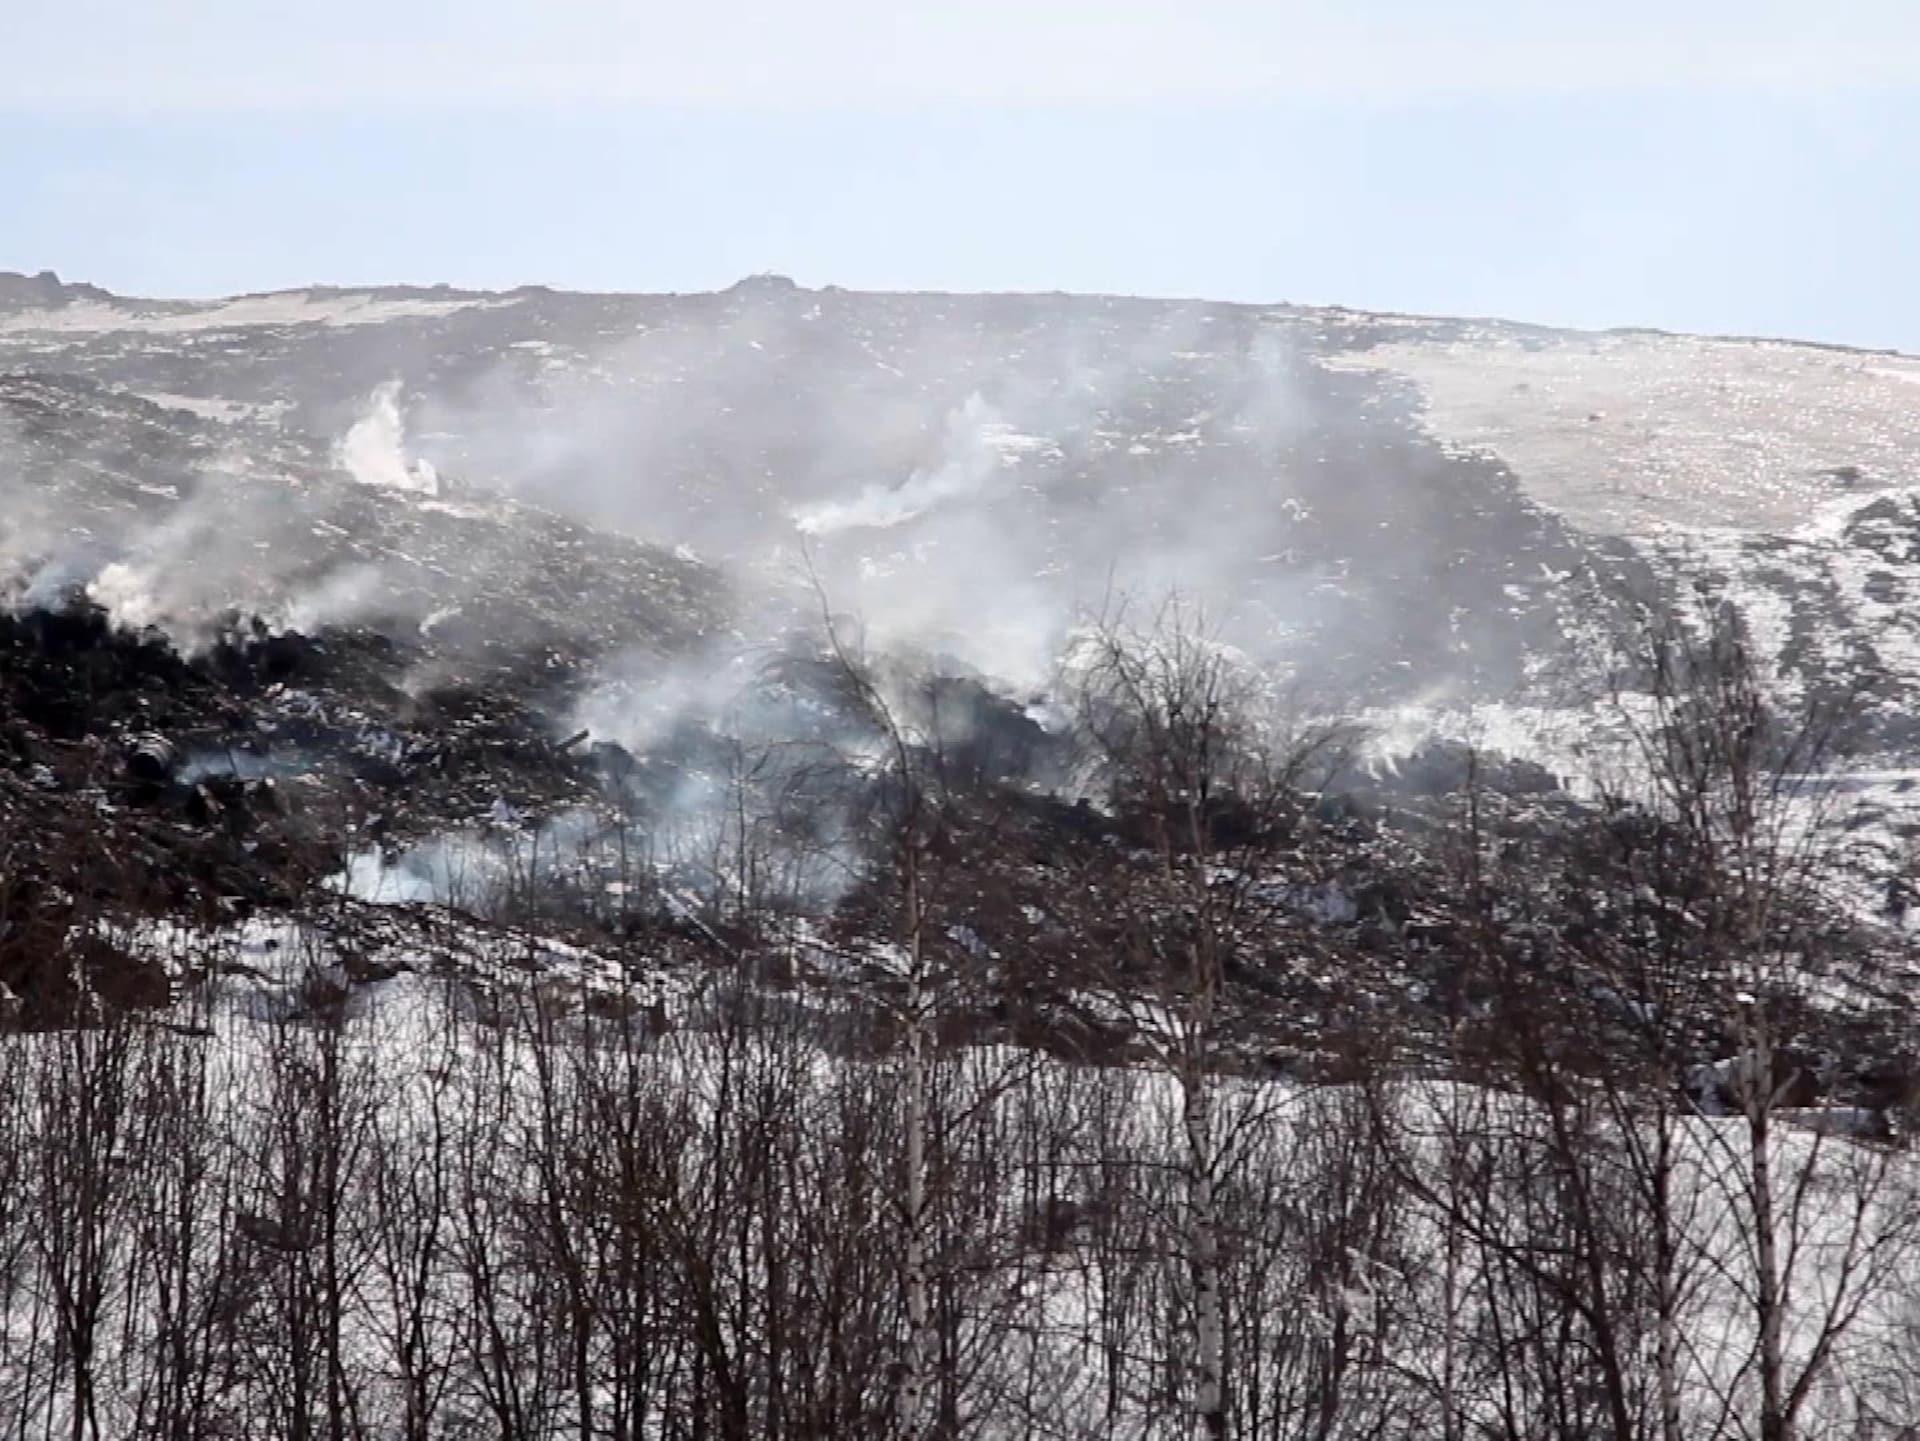 De la fumée se dégage de montagnes de déchets empilés sur une plaine enneigée en banlieue de Moscou.